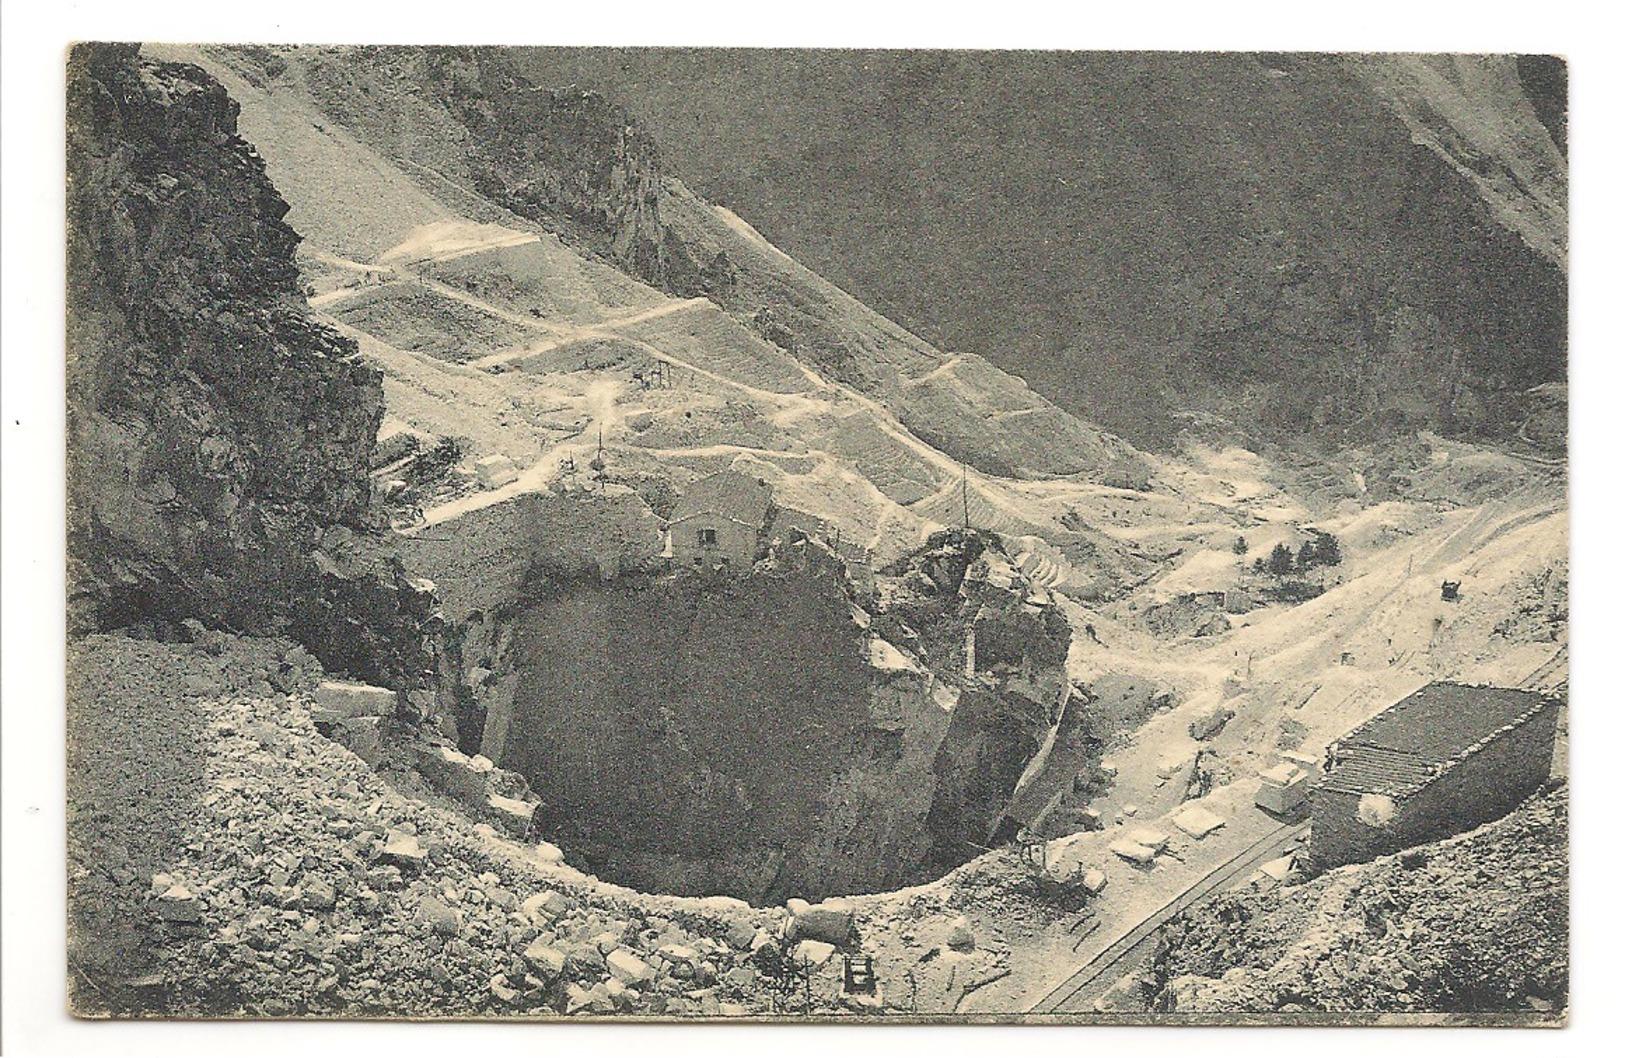 CAVE DI FIORDICHIARA - Carrara